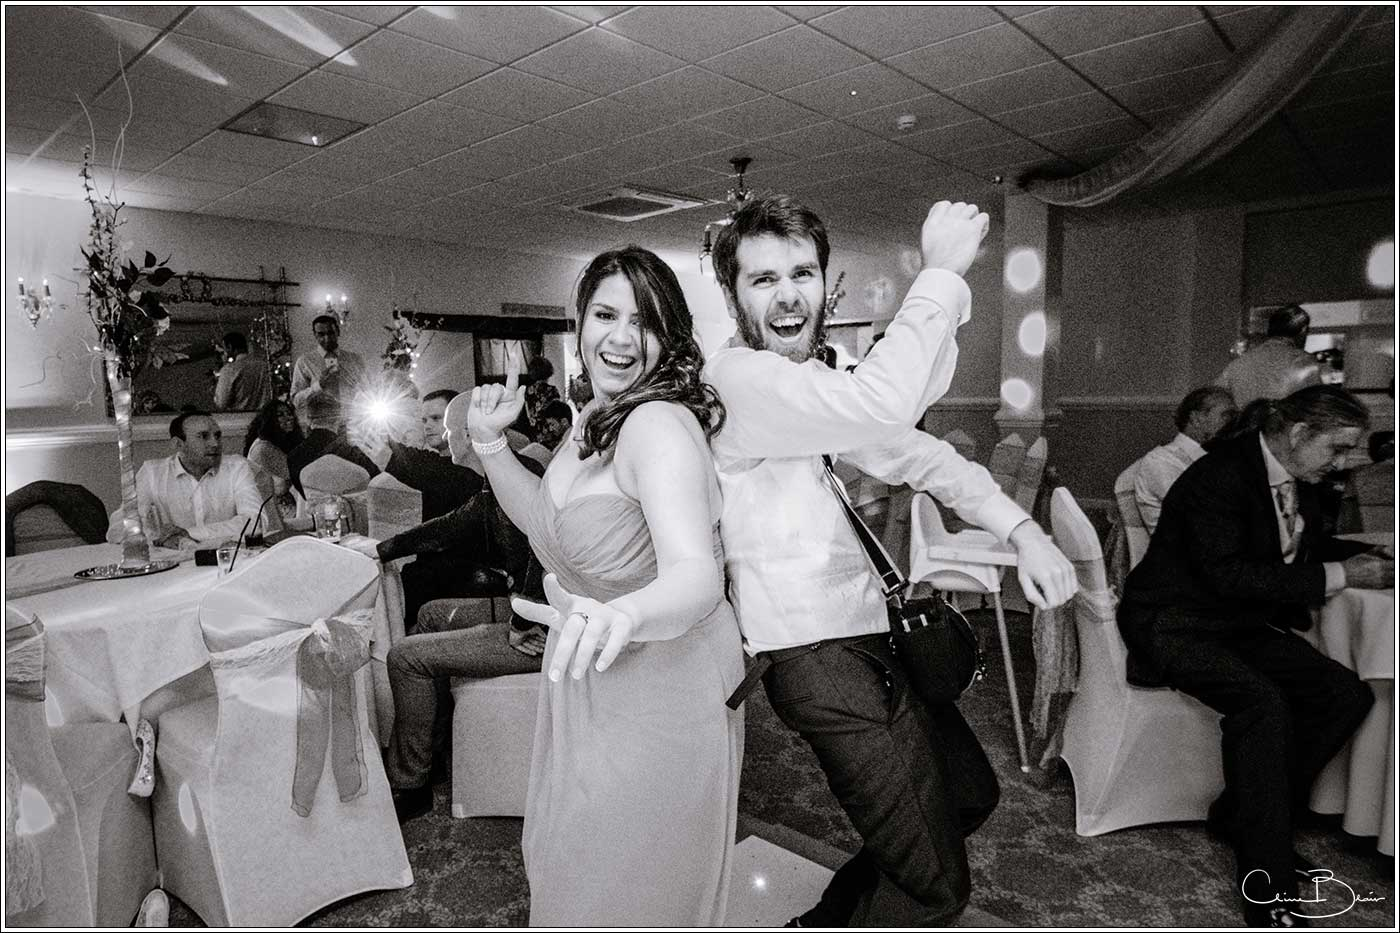 2 happy guests on dancefloor